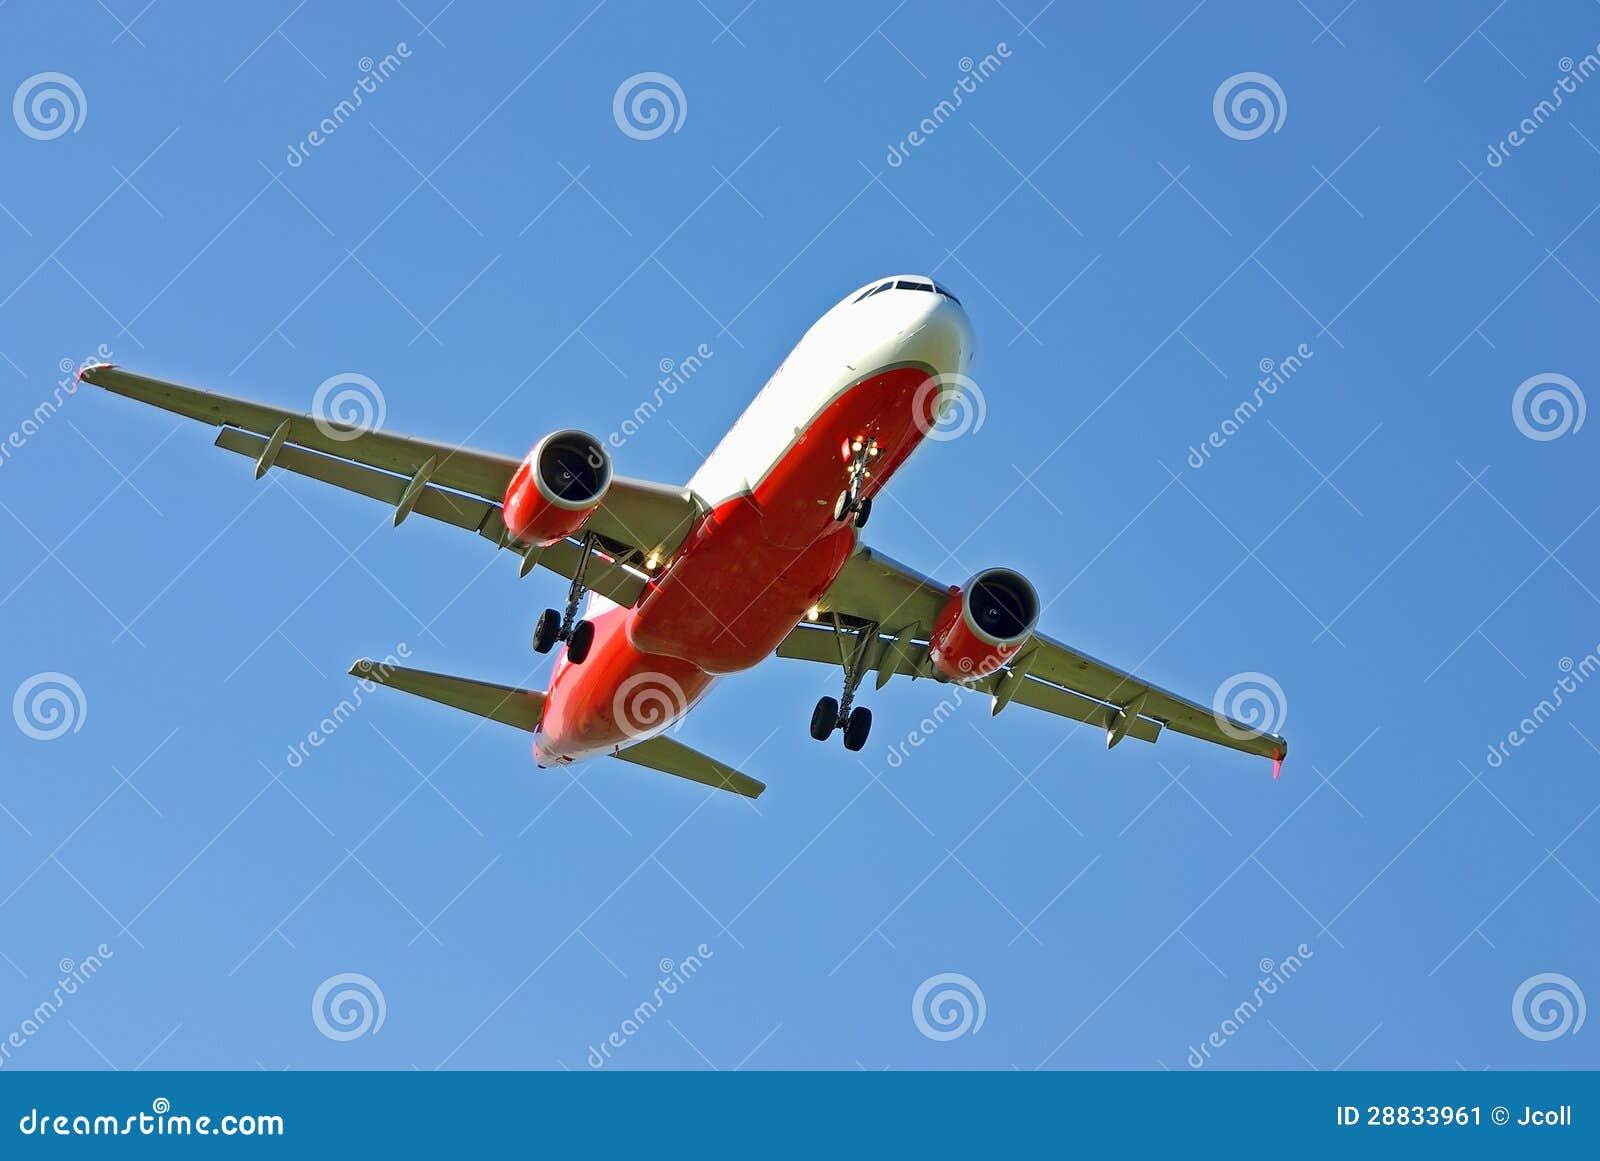 Imagem de Stock: Aviões vermelhos e brancos #B82513 1300 961